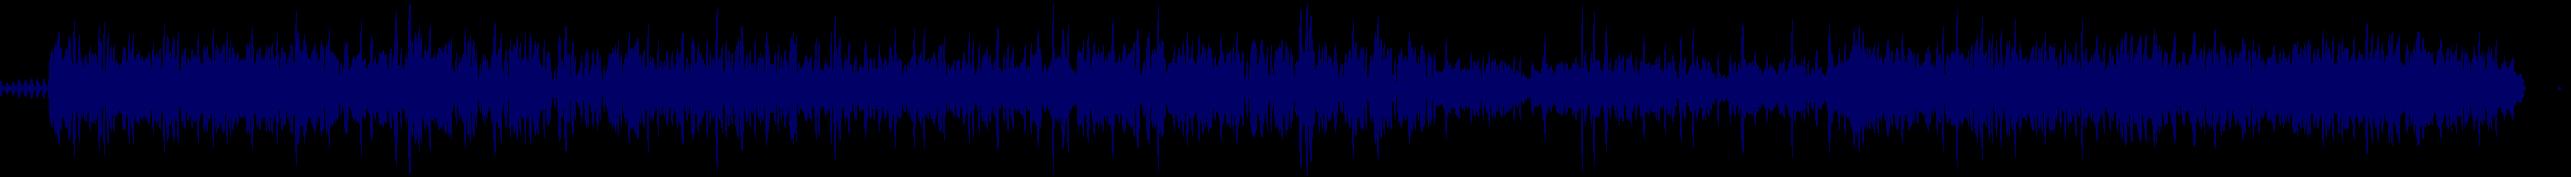 waveform of track #66651